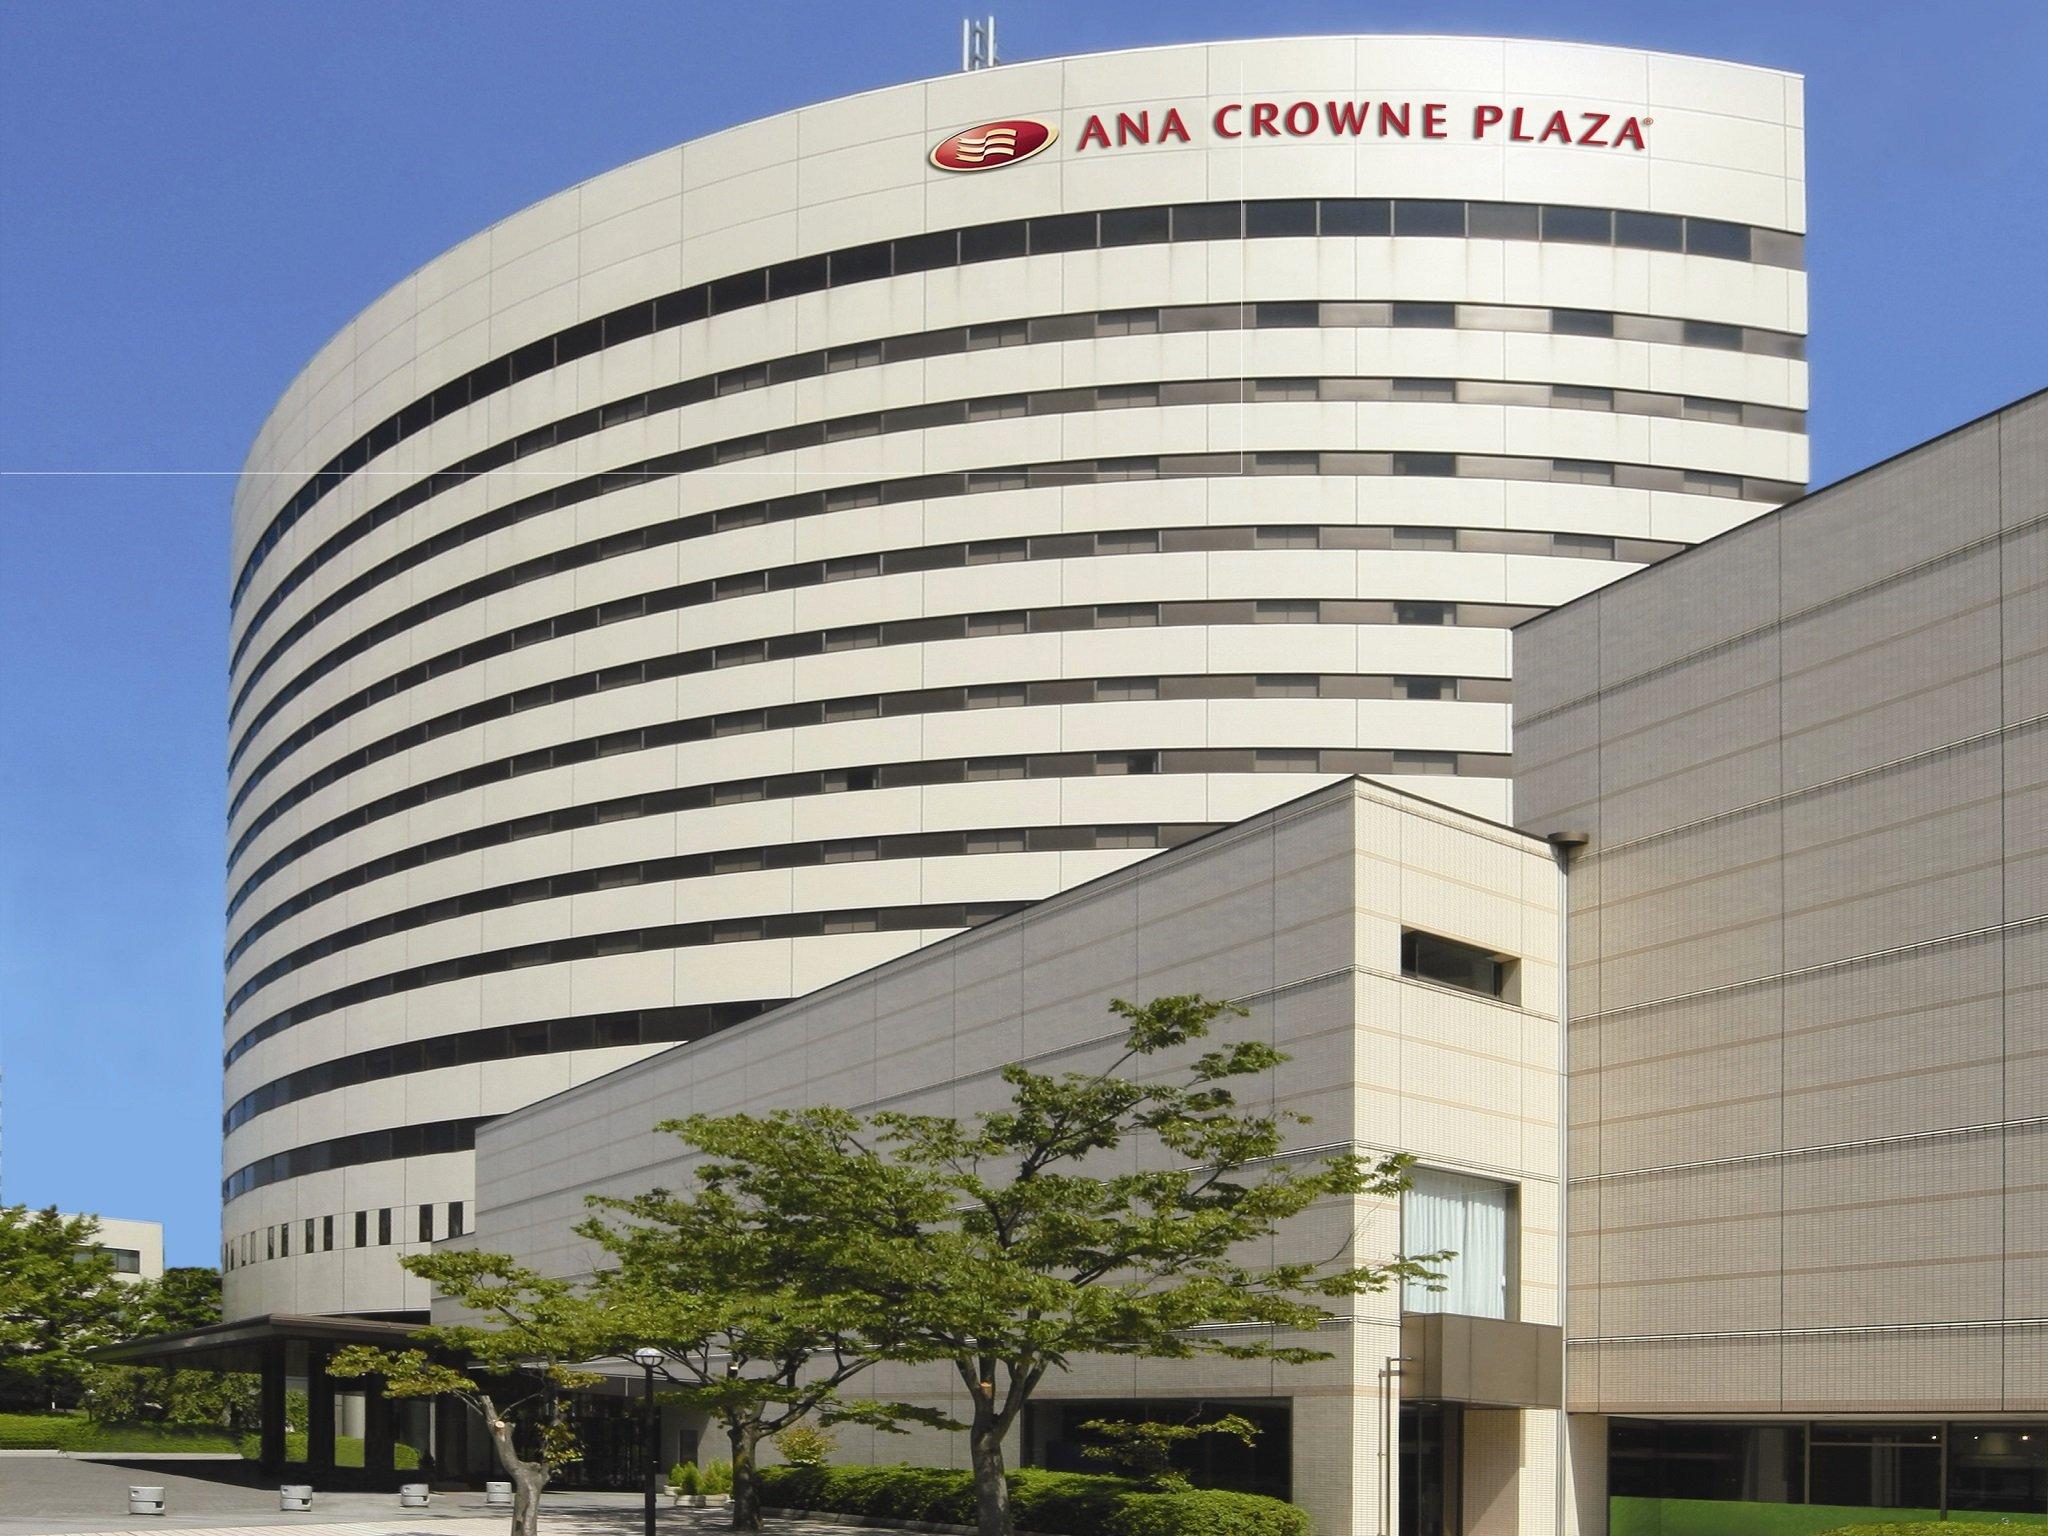 Crowne Plaza ANA Niigata